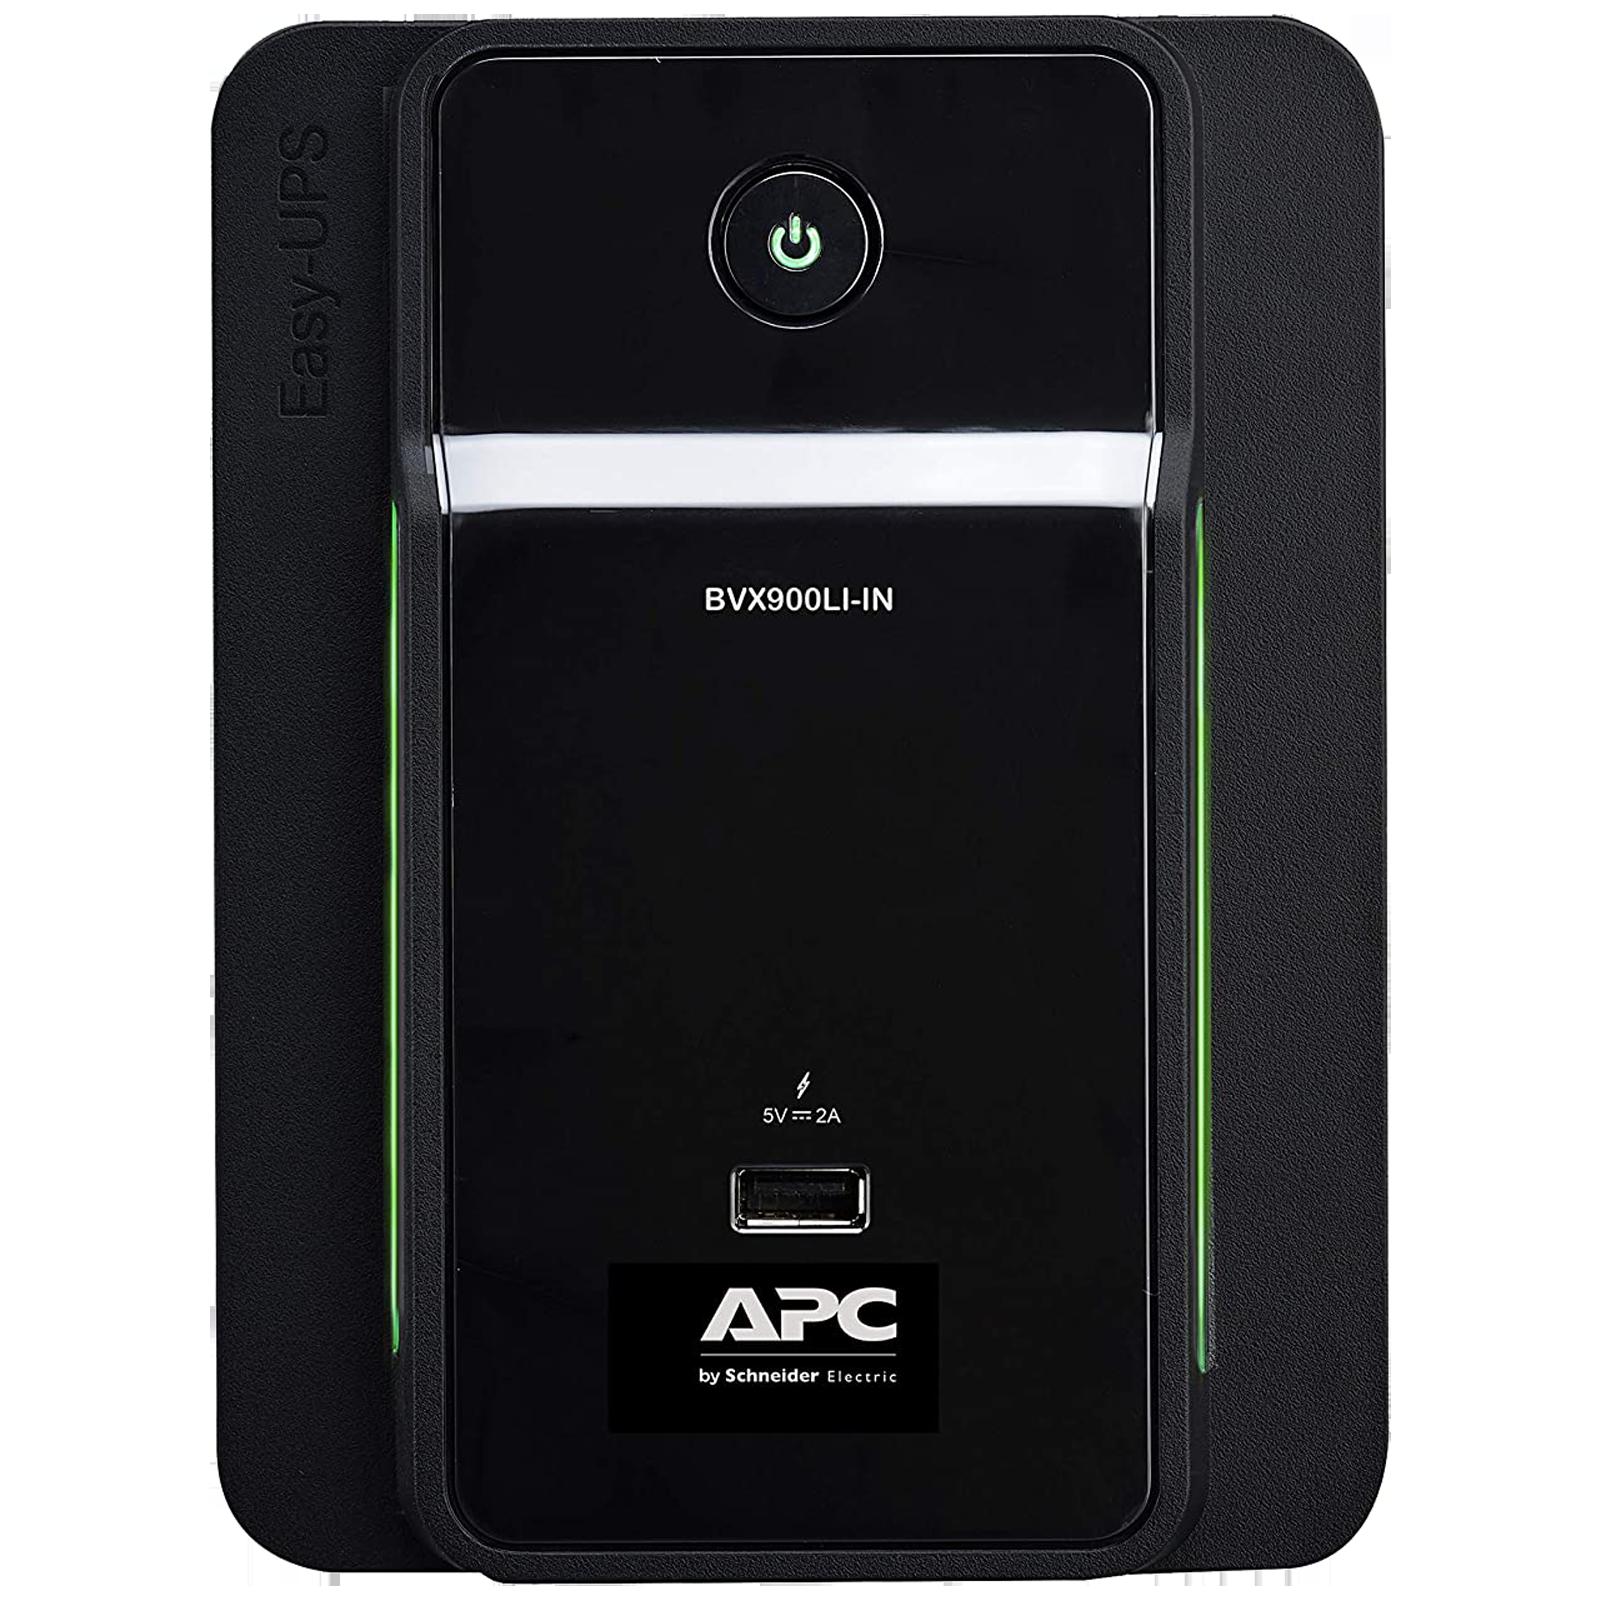 APC UPS For Laptop & Desktop & Mobile & Tablet (Intelligent Battery Management, BVX900LI-IN, Black)_1